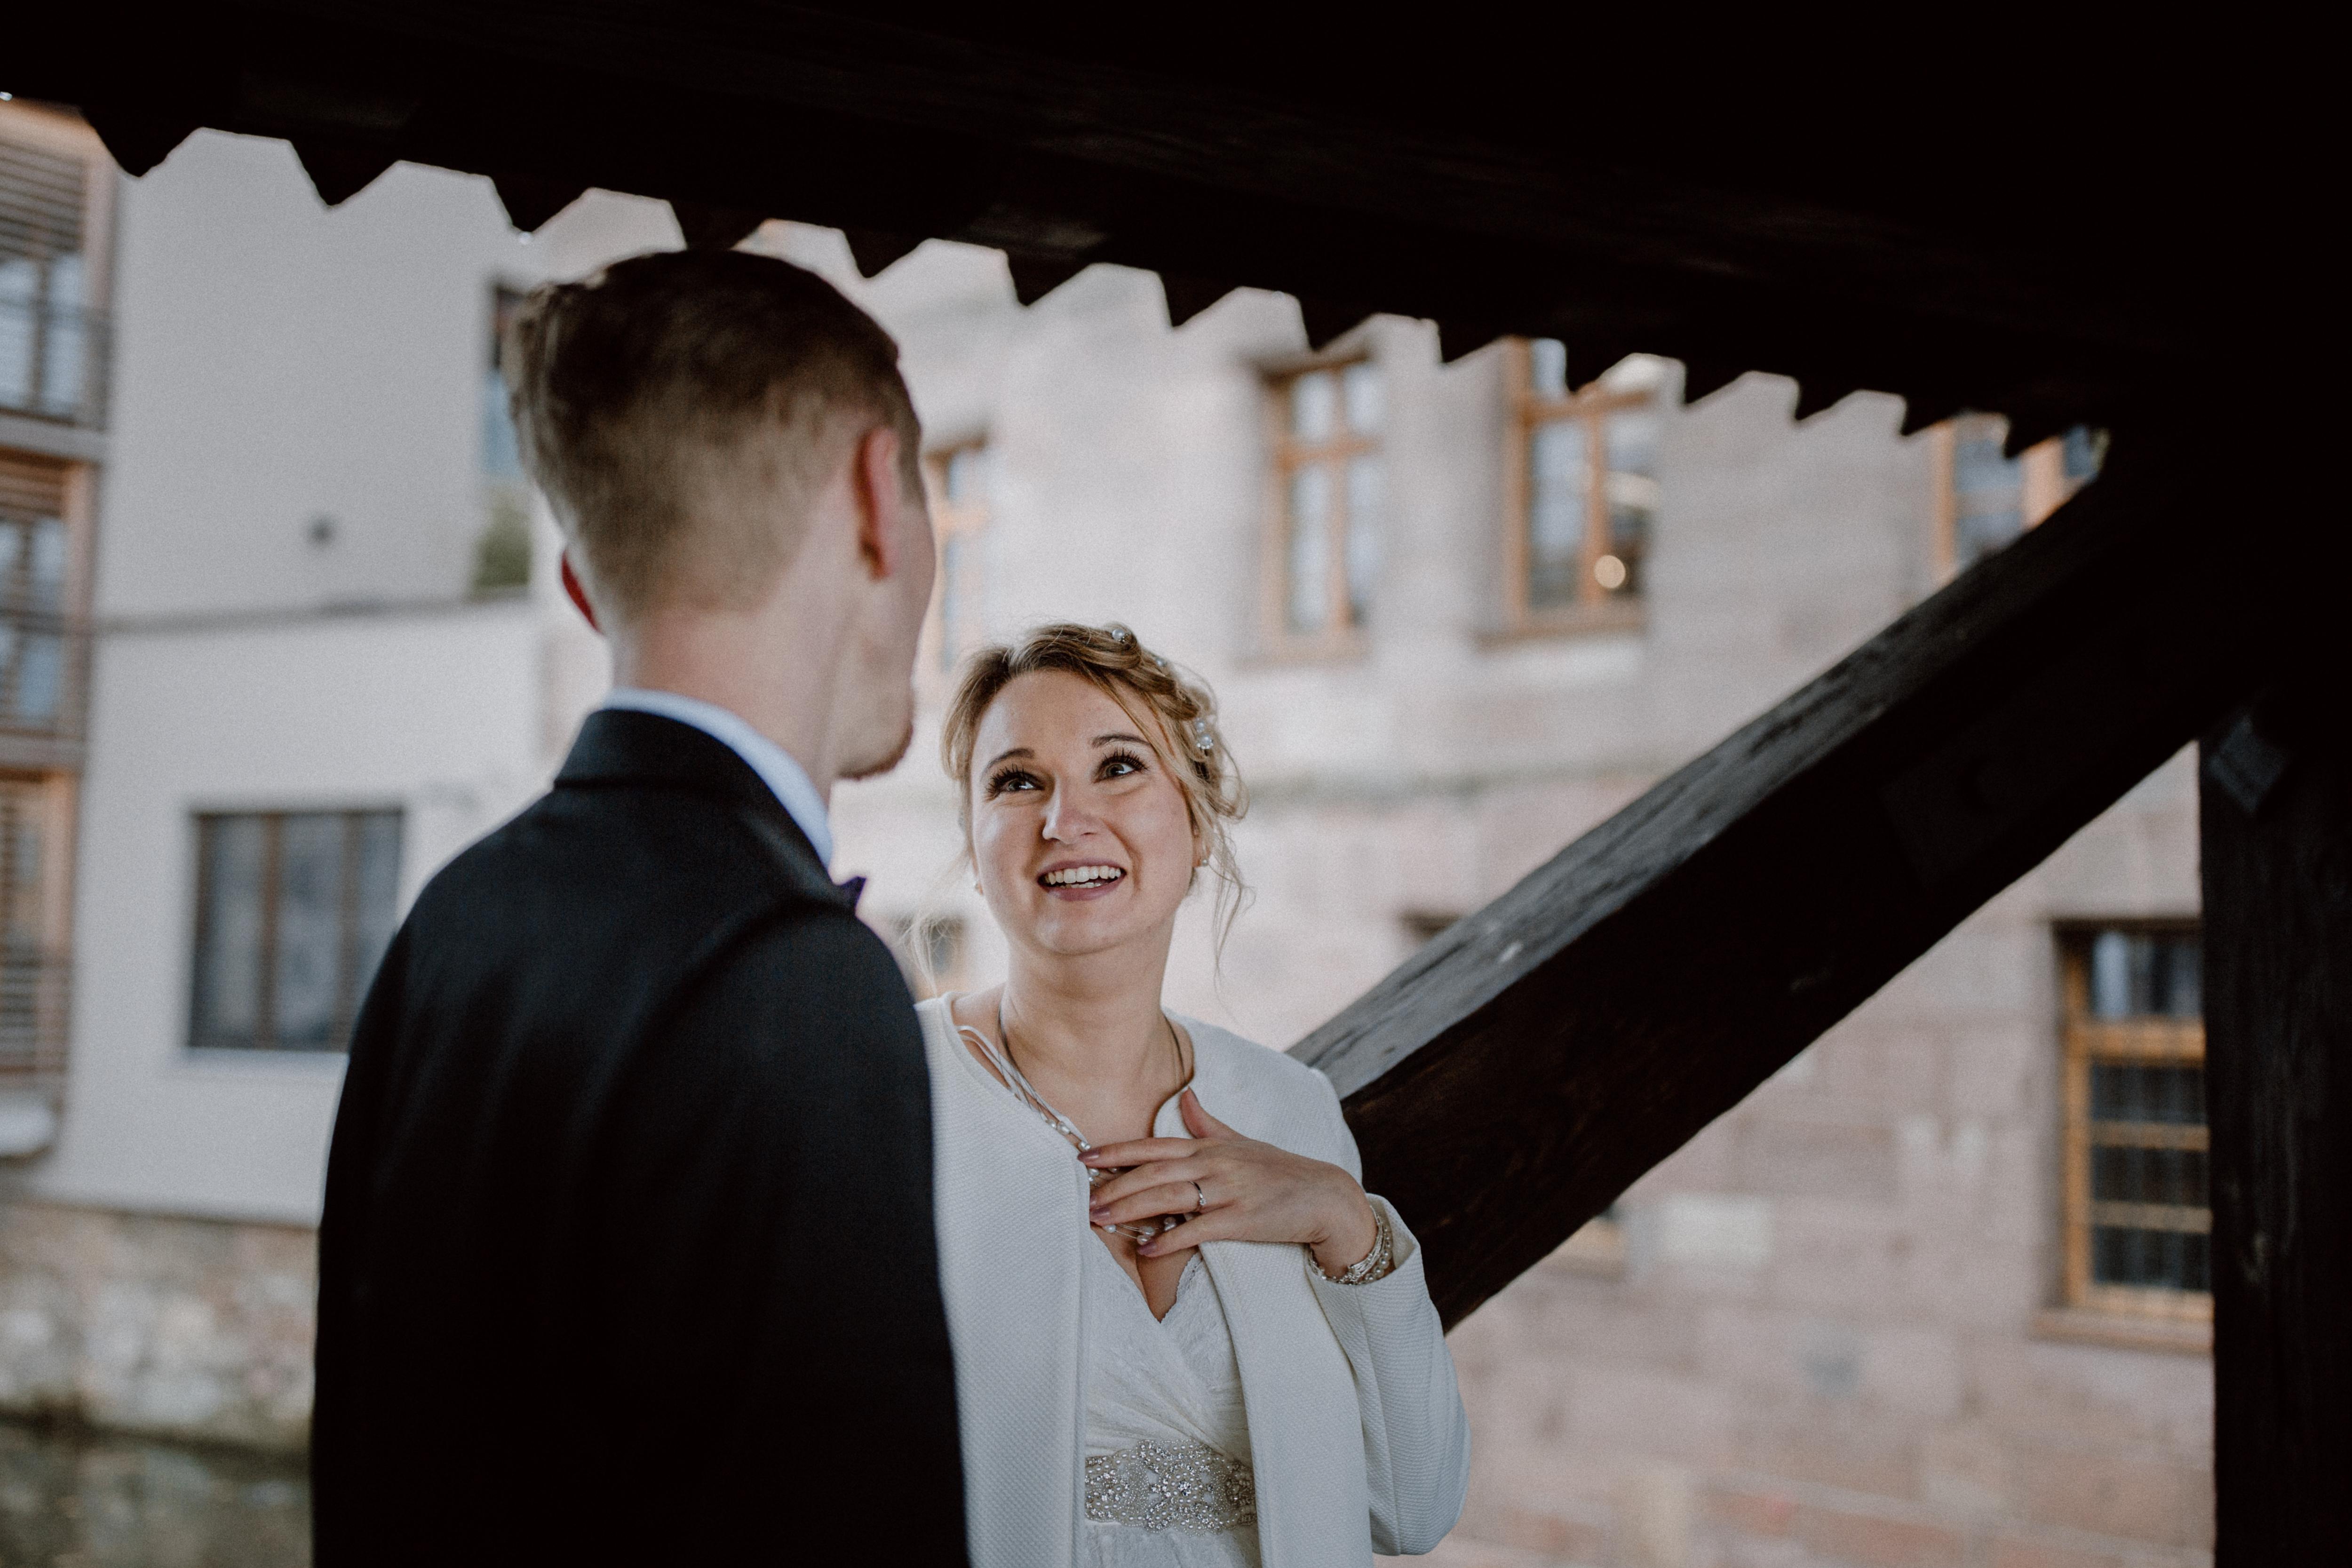 URBANERIE_Daniela_Goth_Hochzeitsfotografin_Nürnberg_Fürth_Erlangen_Schwabach_171110_0608